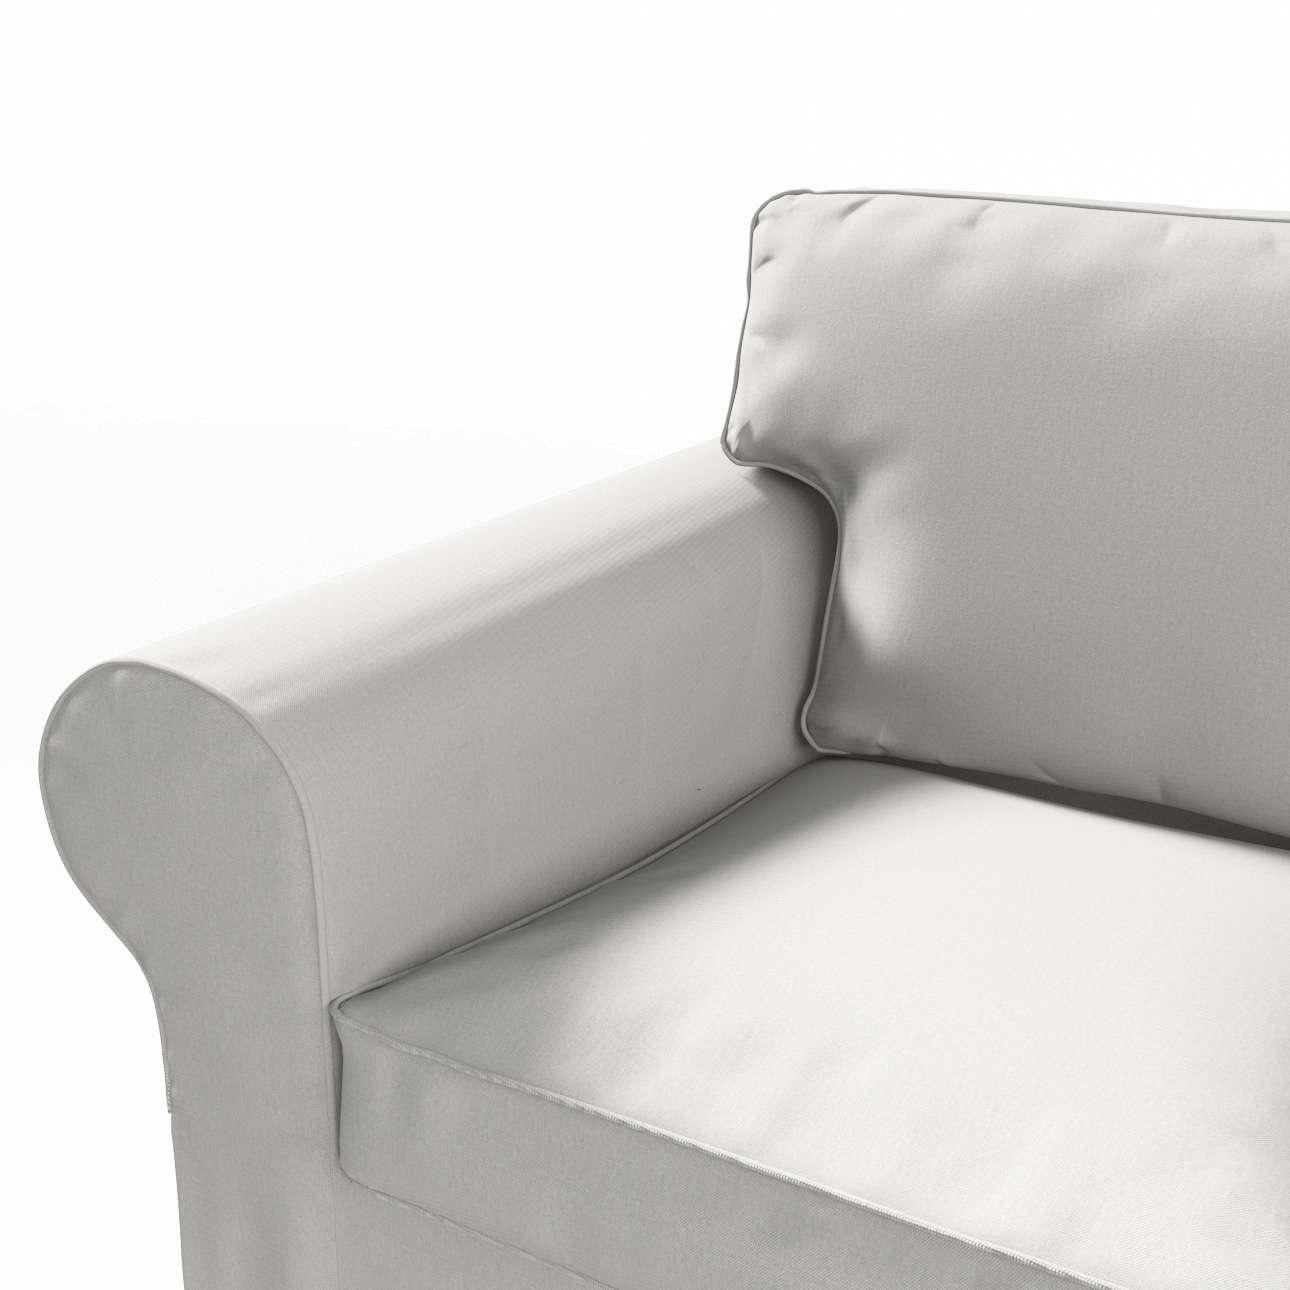 Ektorp betræk 2 sæder sovesofa gammel model<br/>Bredde ca 195cm fra kollektionen Etna, Stof: 705-90